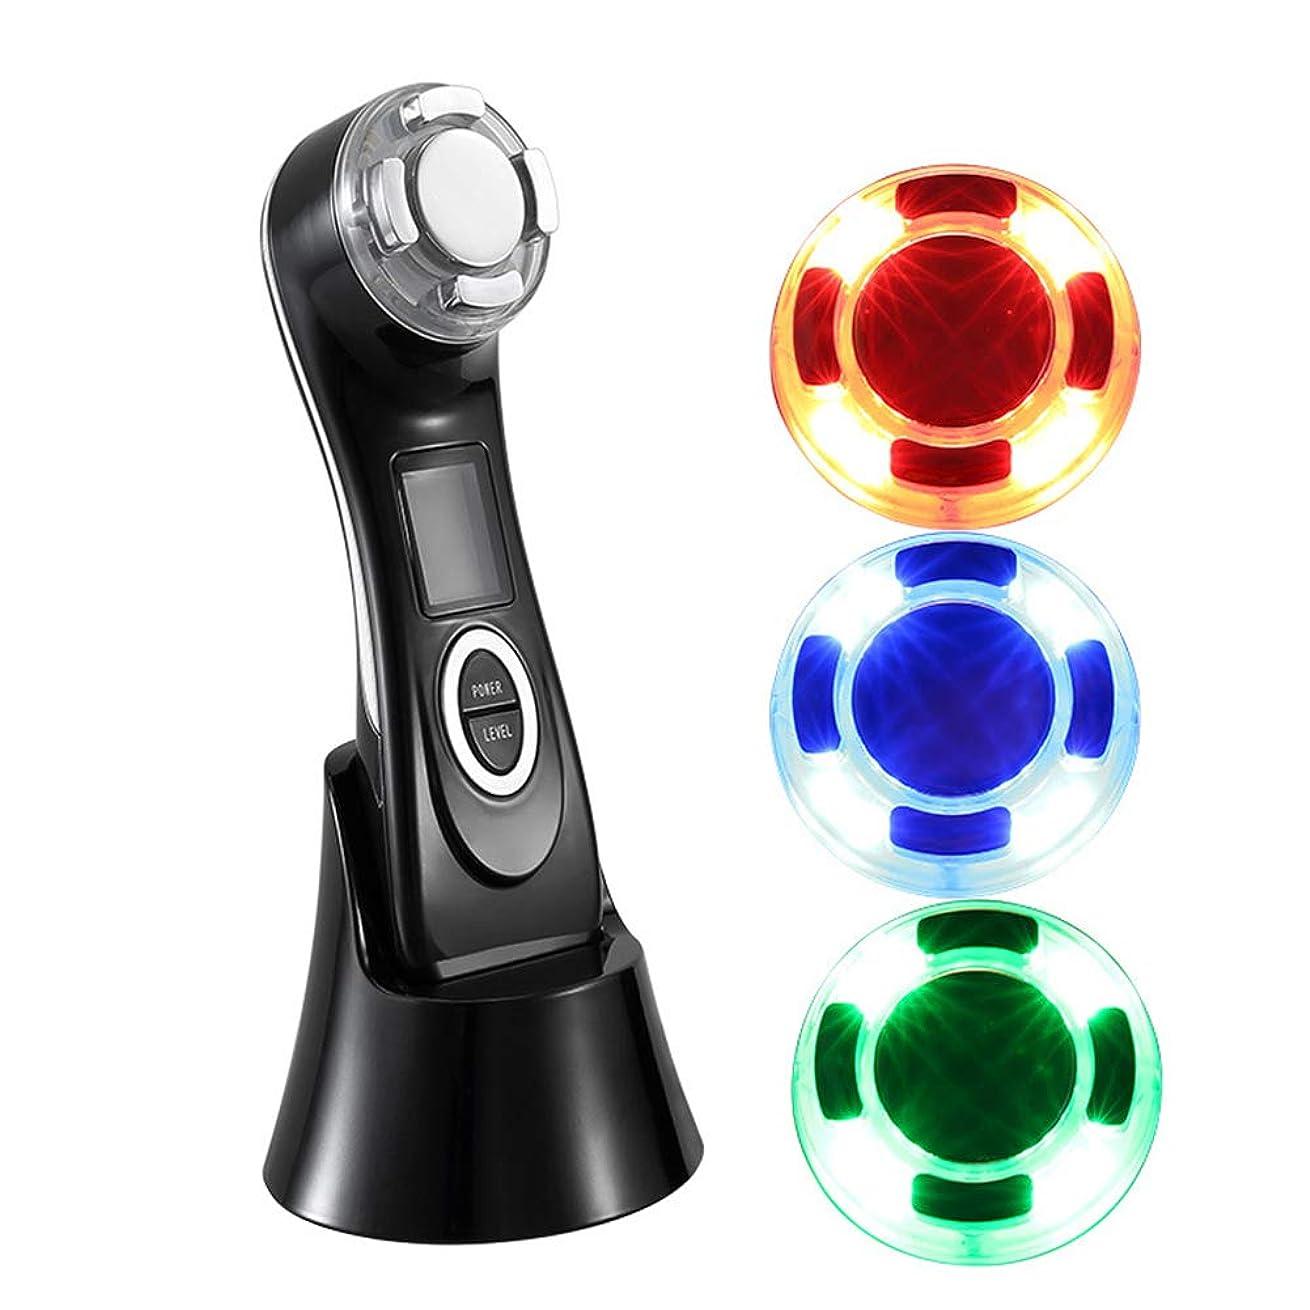 課税歯エッセンスアップグレード超音波ファットバーナーボディ痩身マッサージ、LEDの美の器械、減量のため持ち上げて締め付けるフェイシャルセラピー,Black